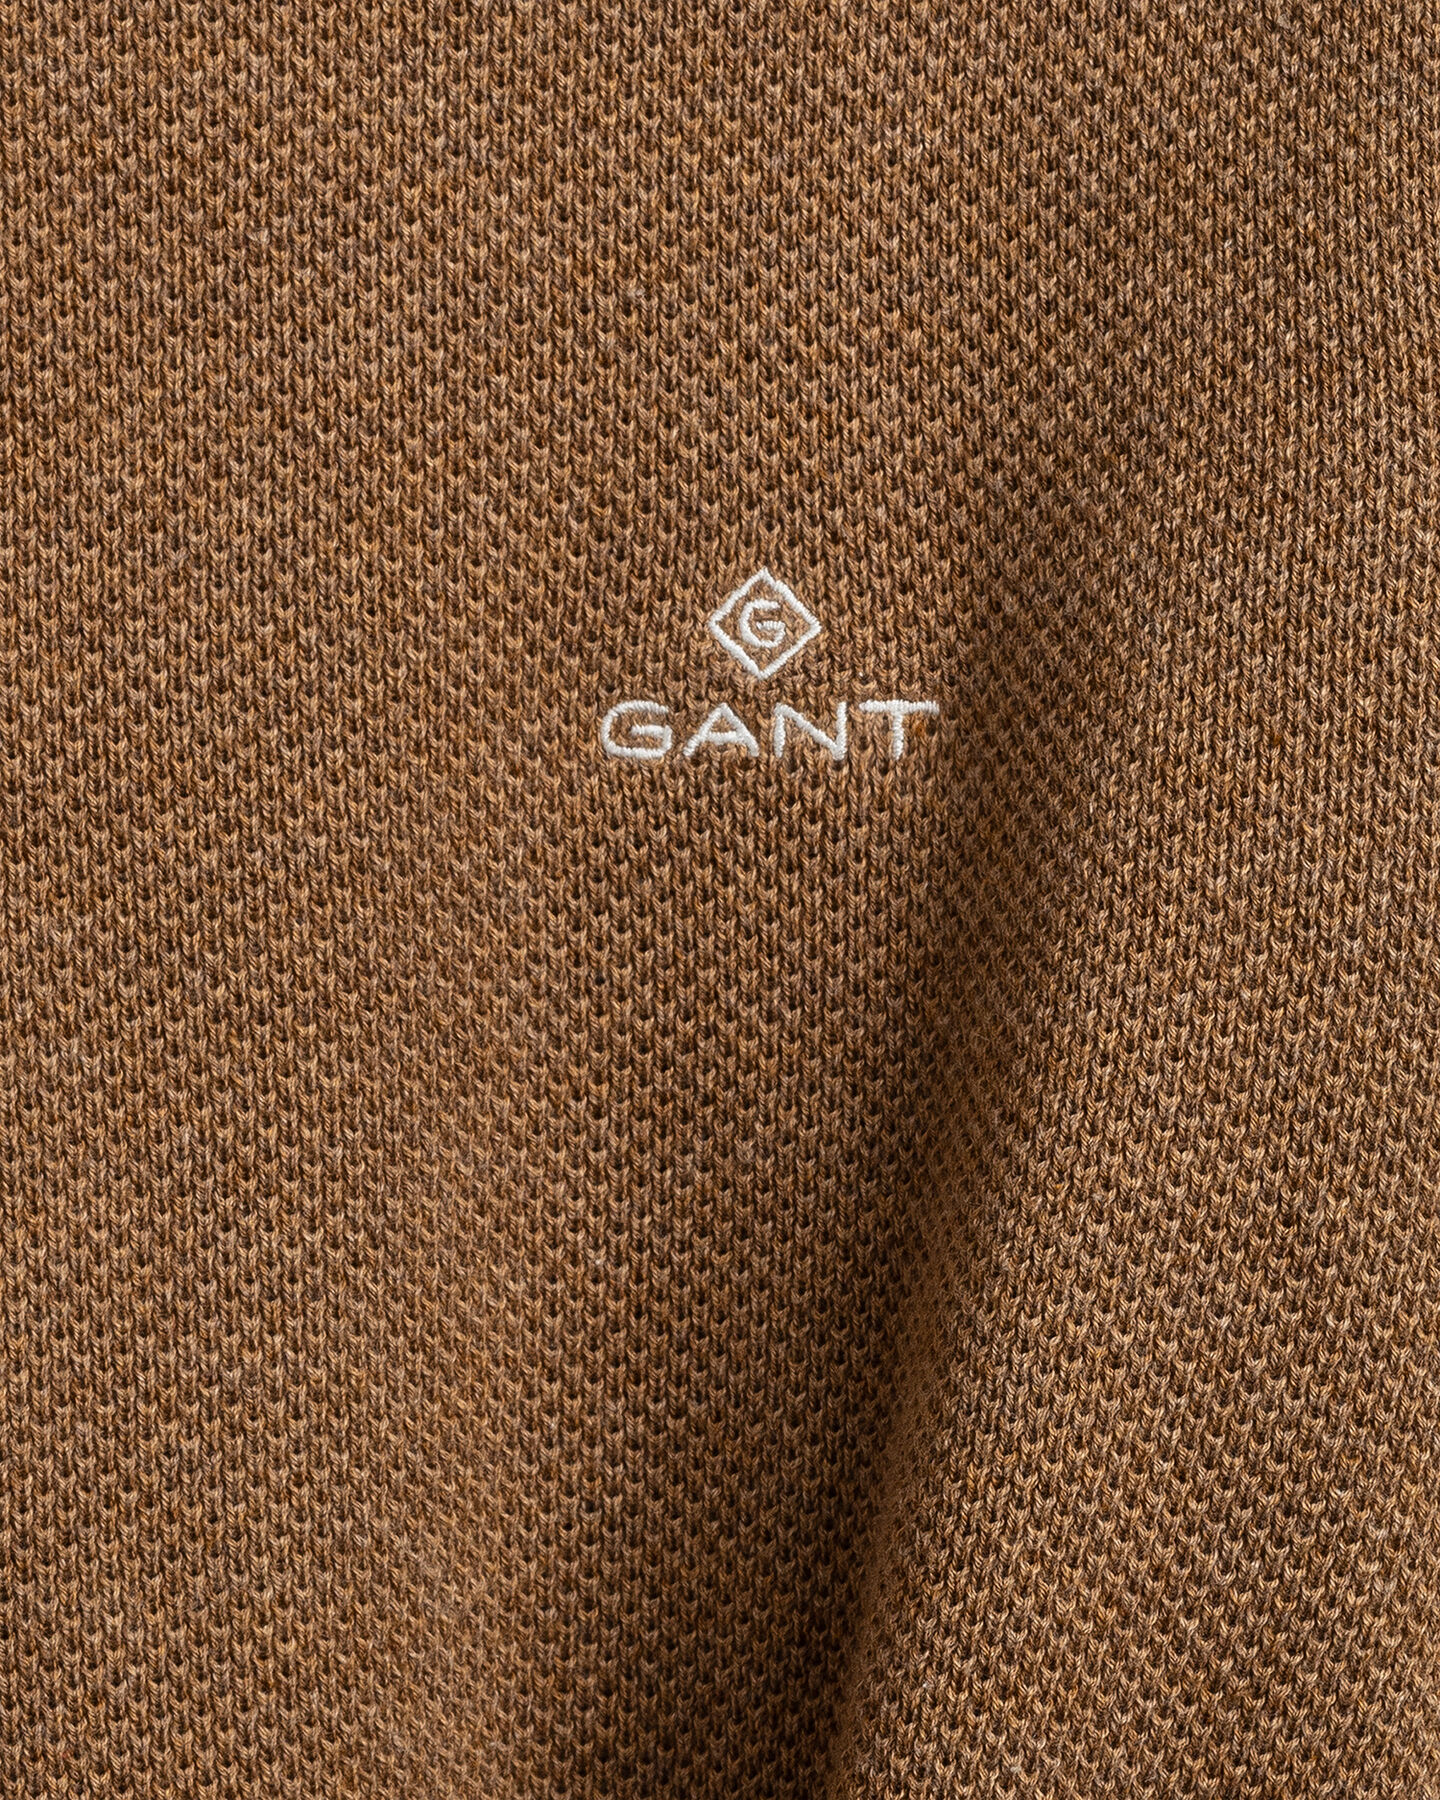 Sites-Gant-NORDIC-Site